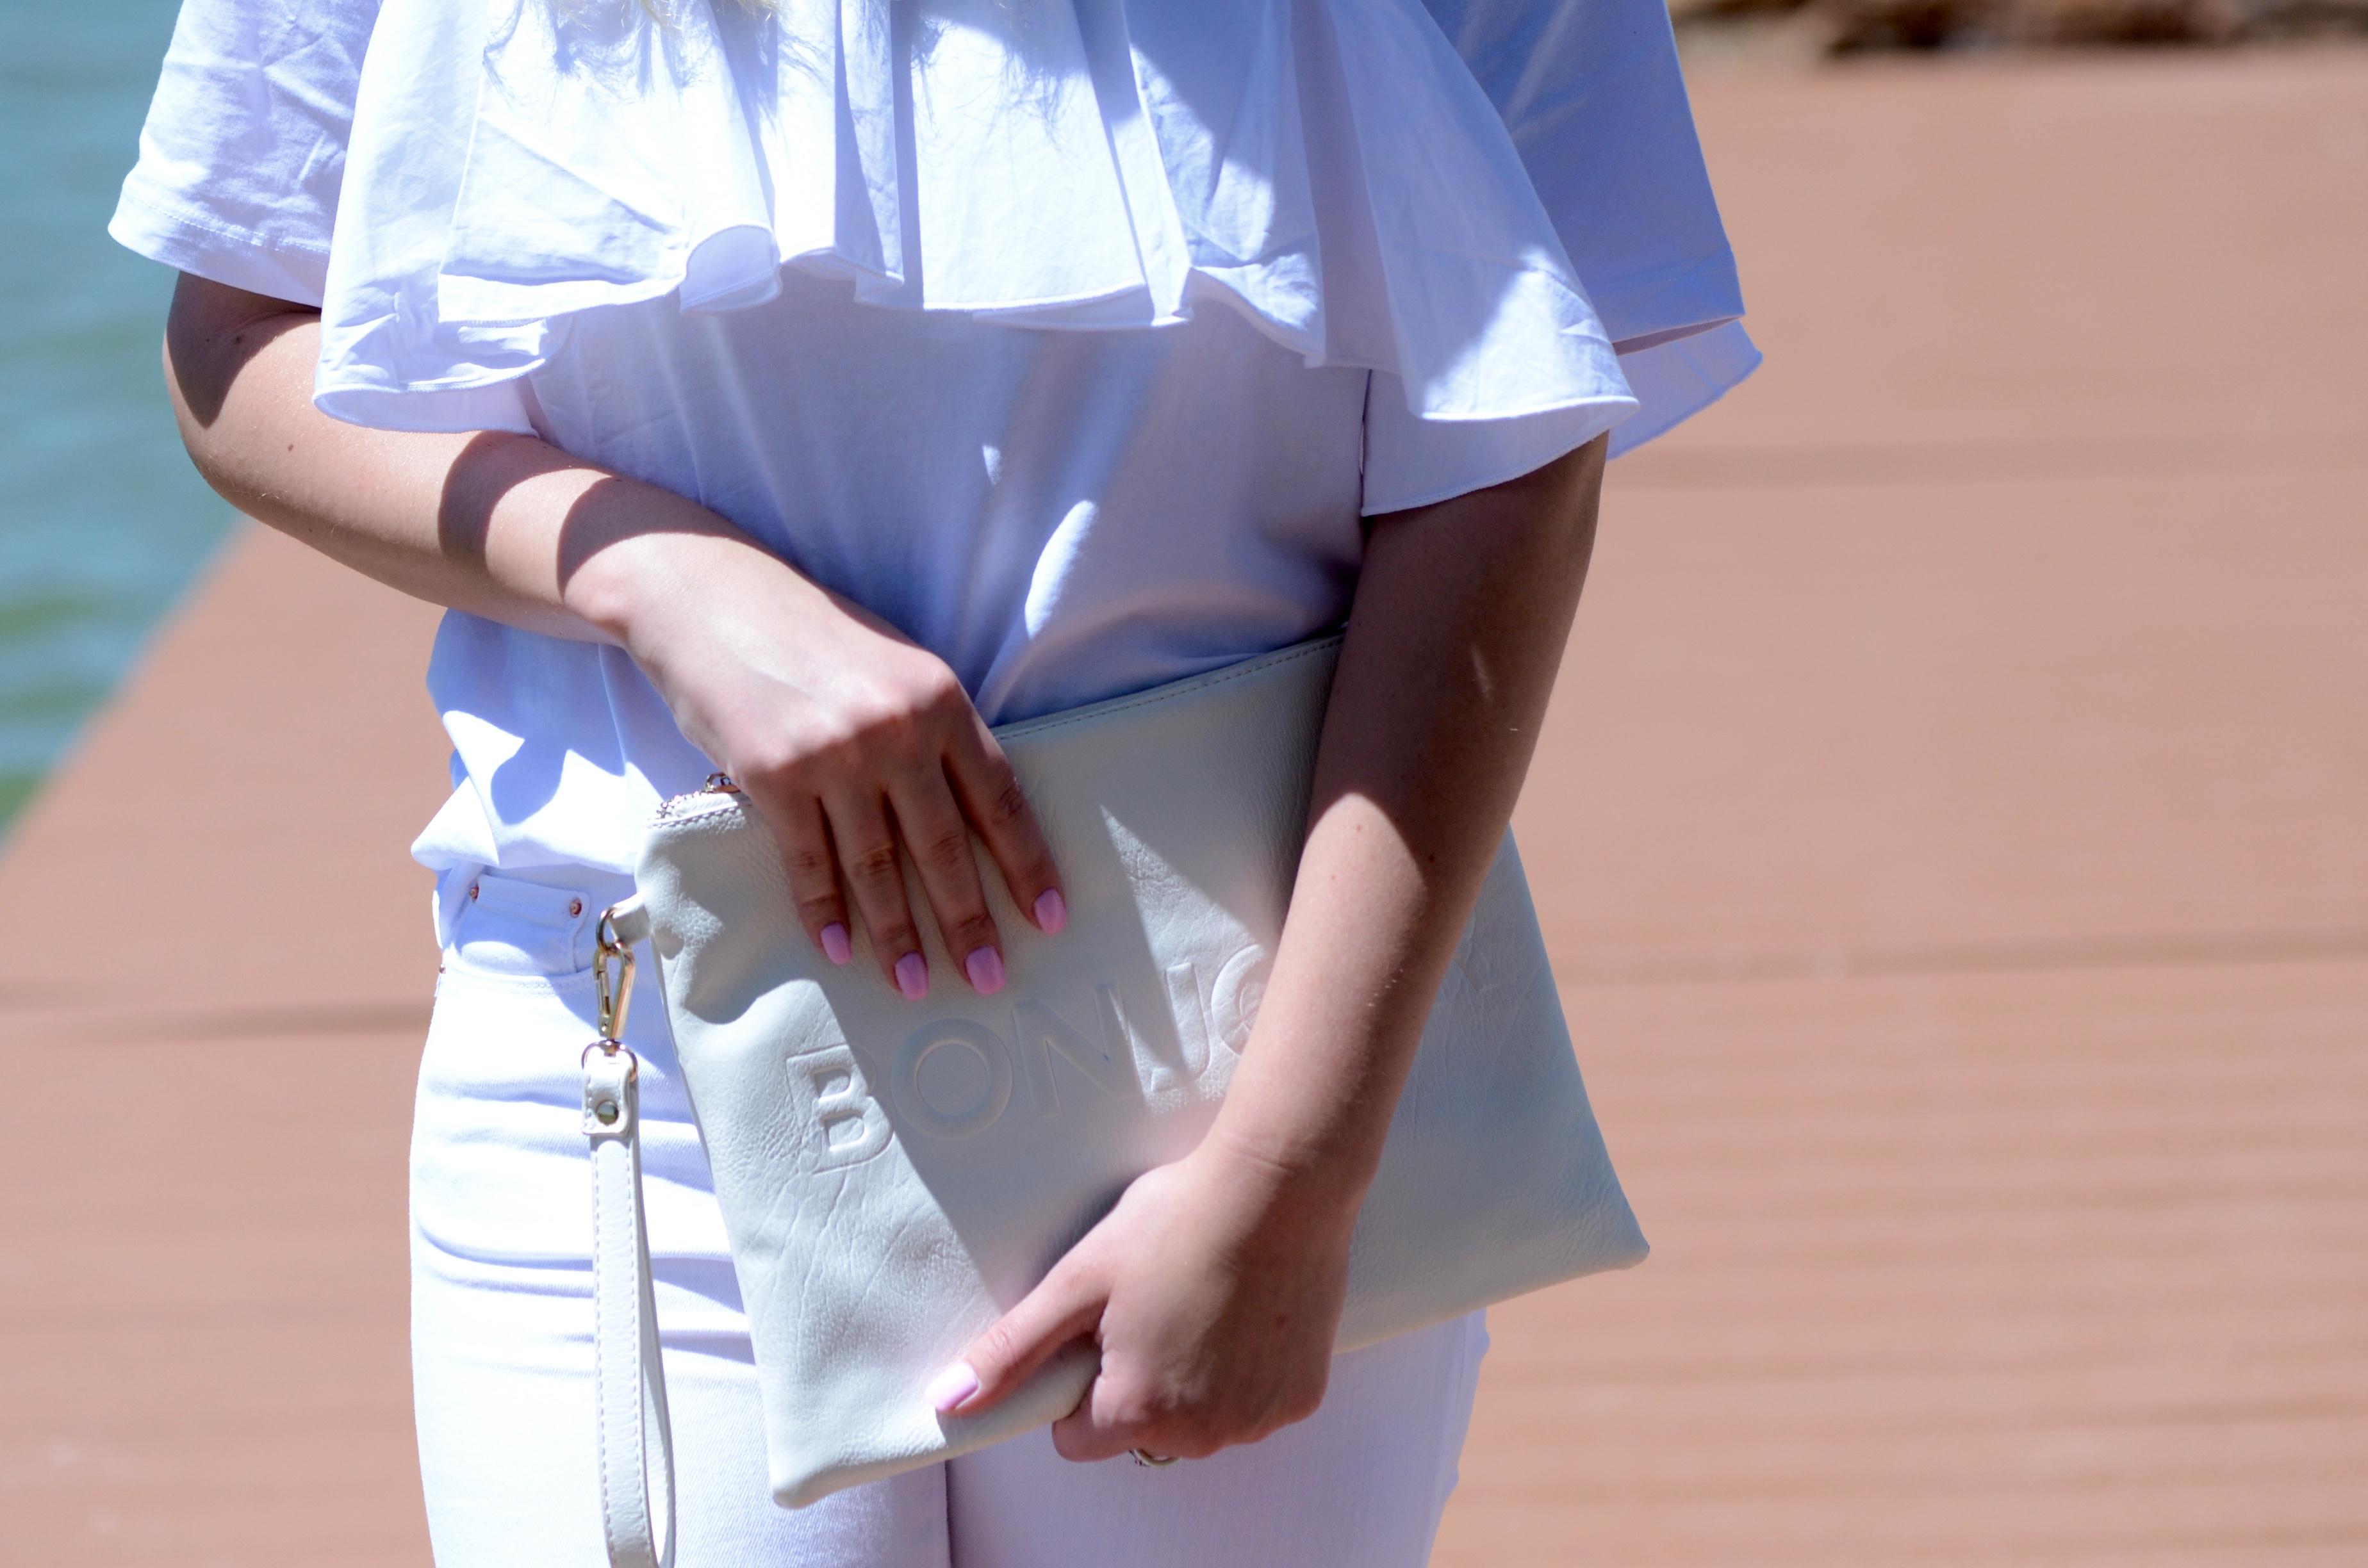 all white on white details